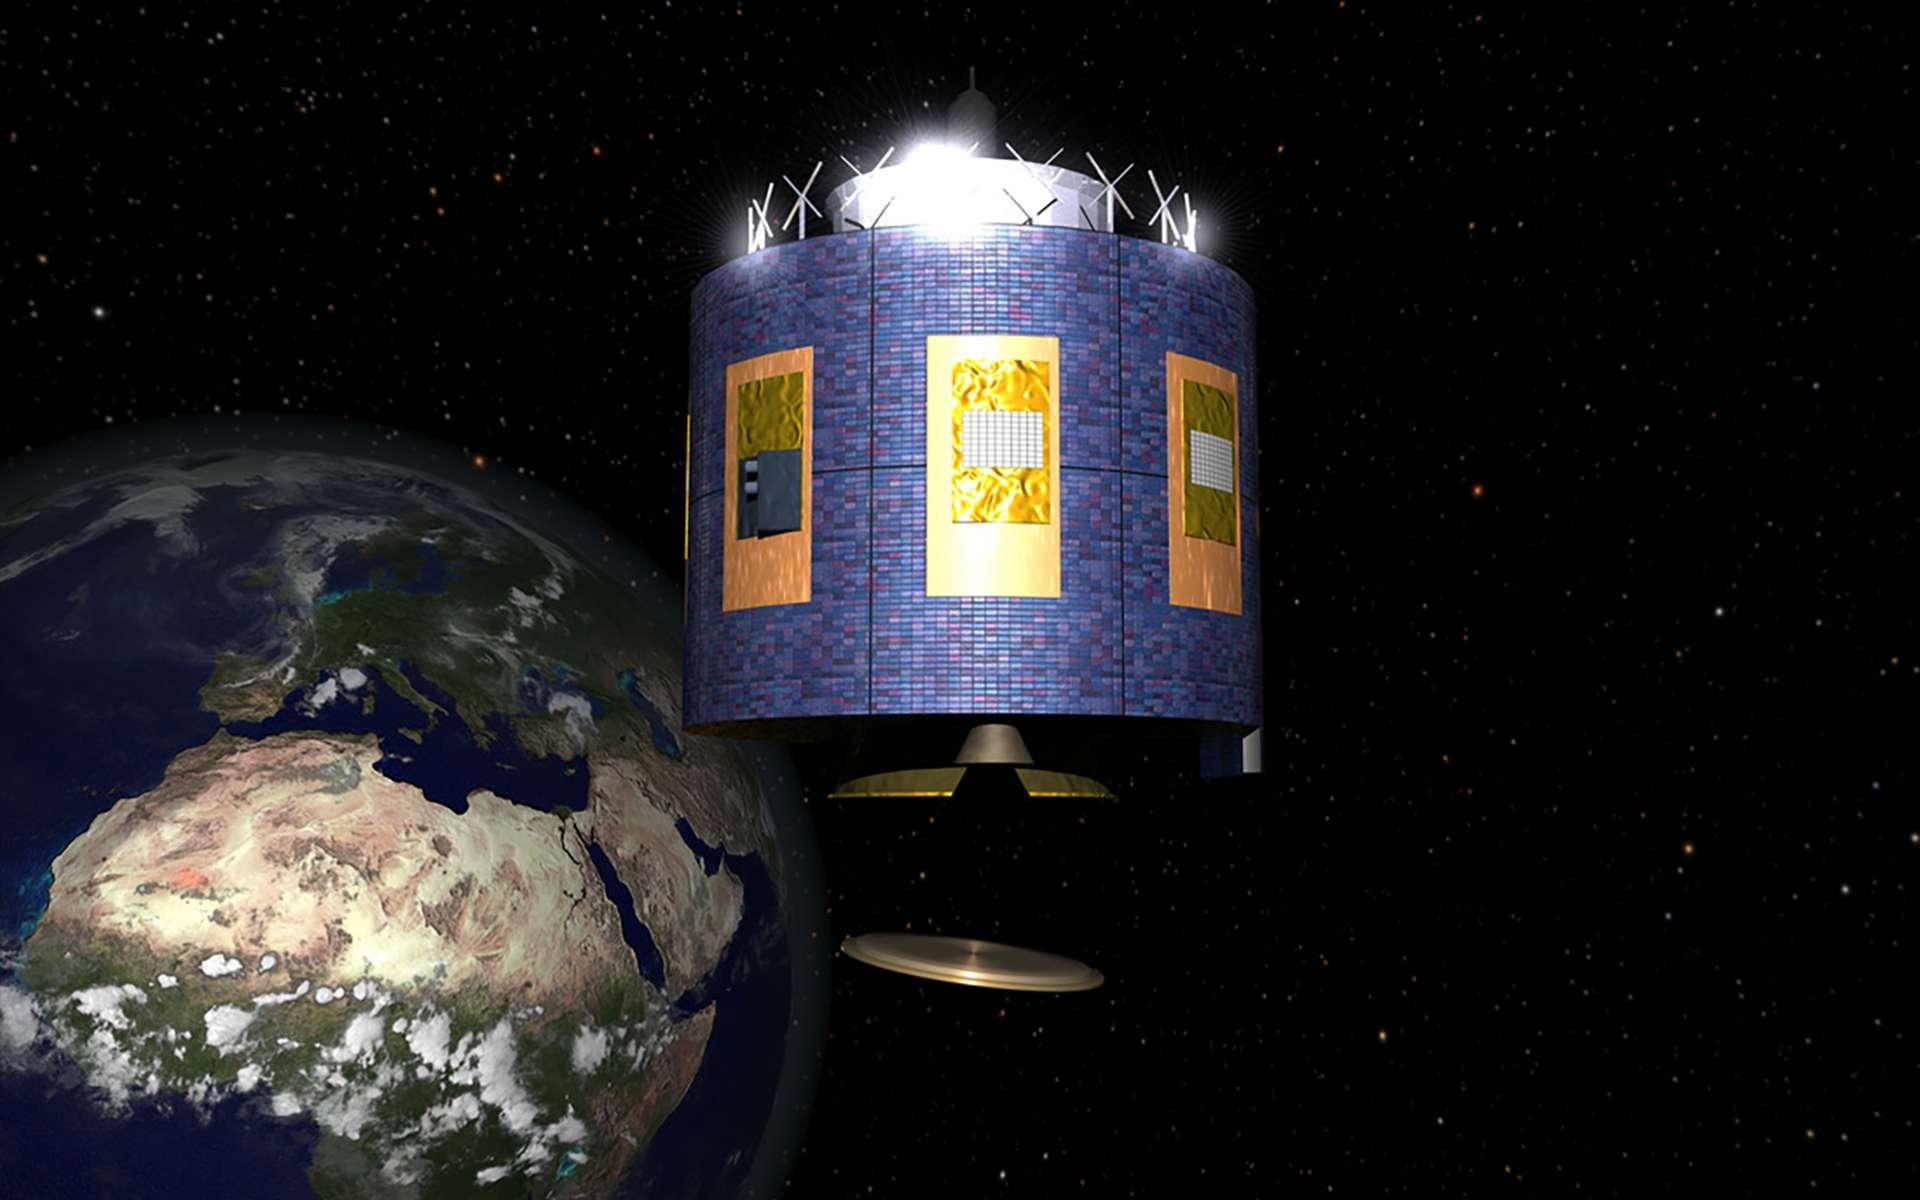 Vue d'artiste d'un satellite Météosat de deuxième génération. © ESA